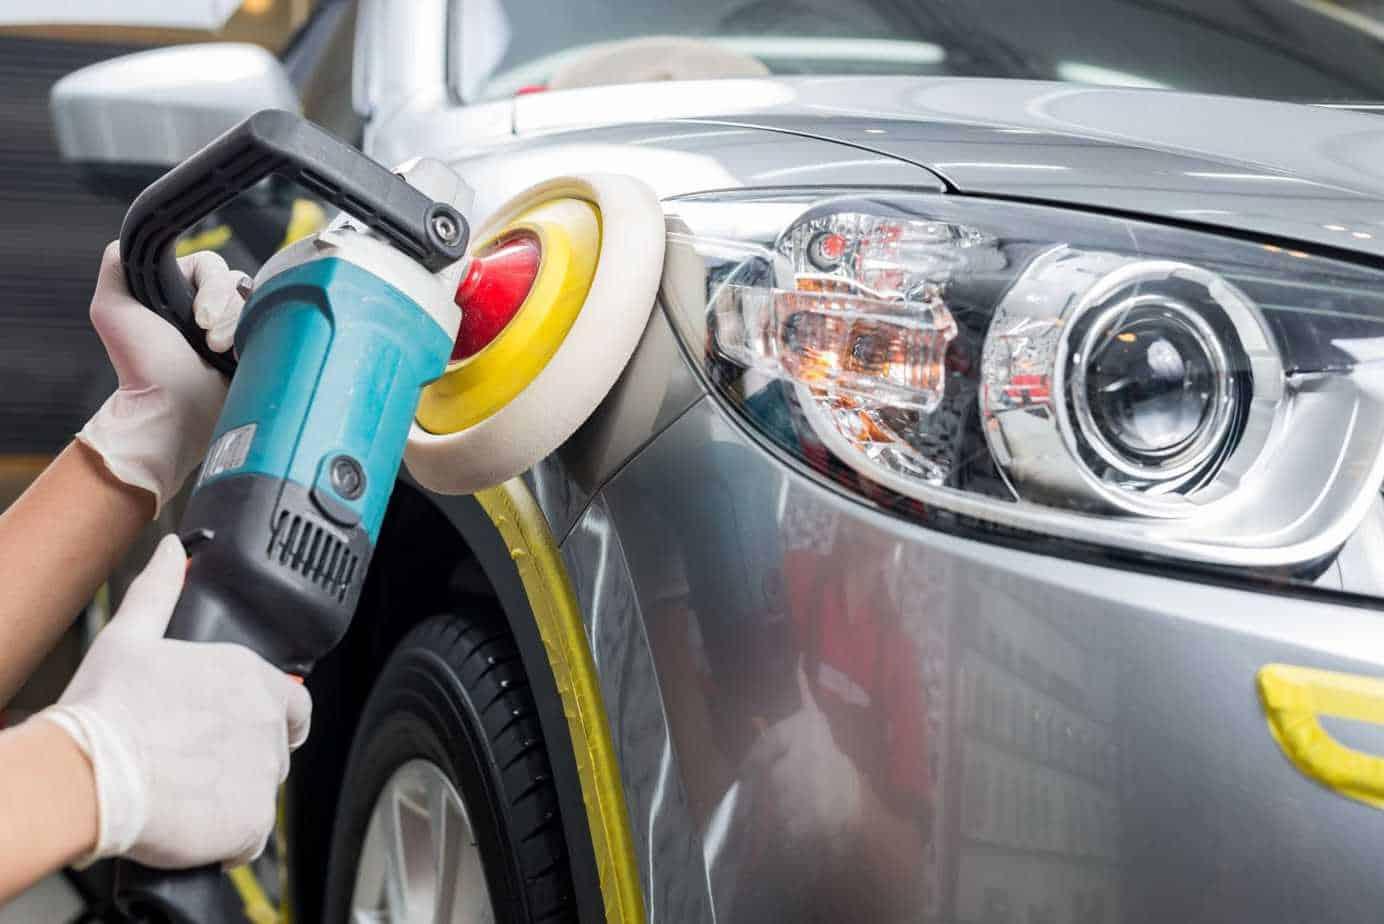 Đánh bóng ngoại thất xe ô tô sẽ giúp bảo vệ lớp sơn xe luôn sáng bóng